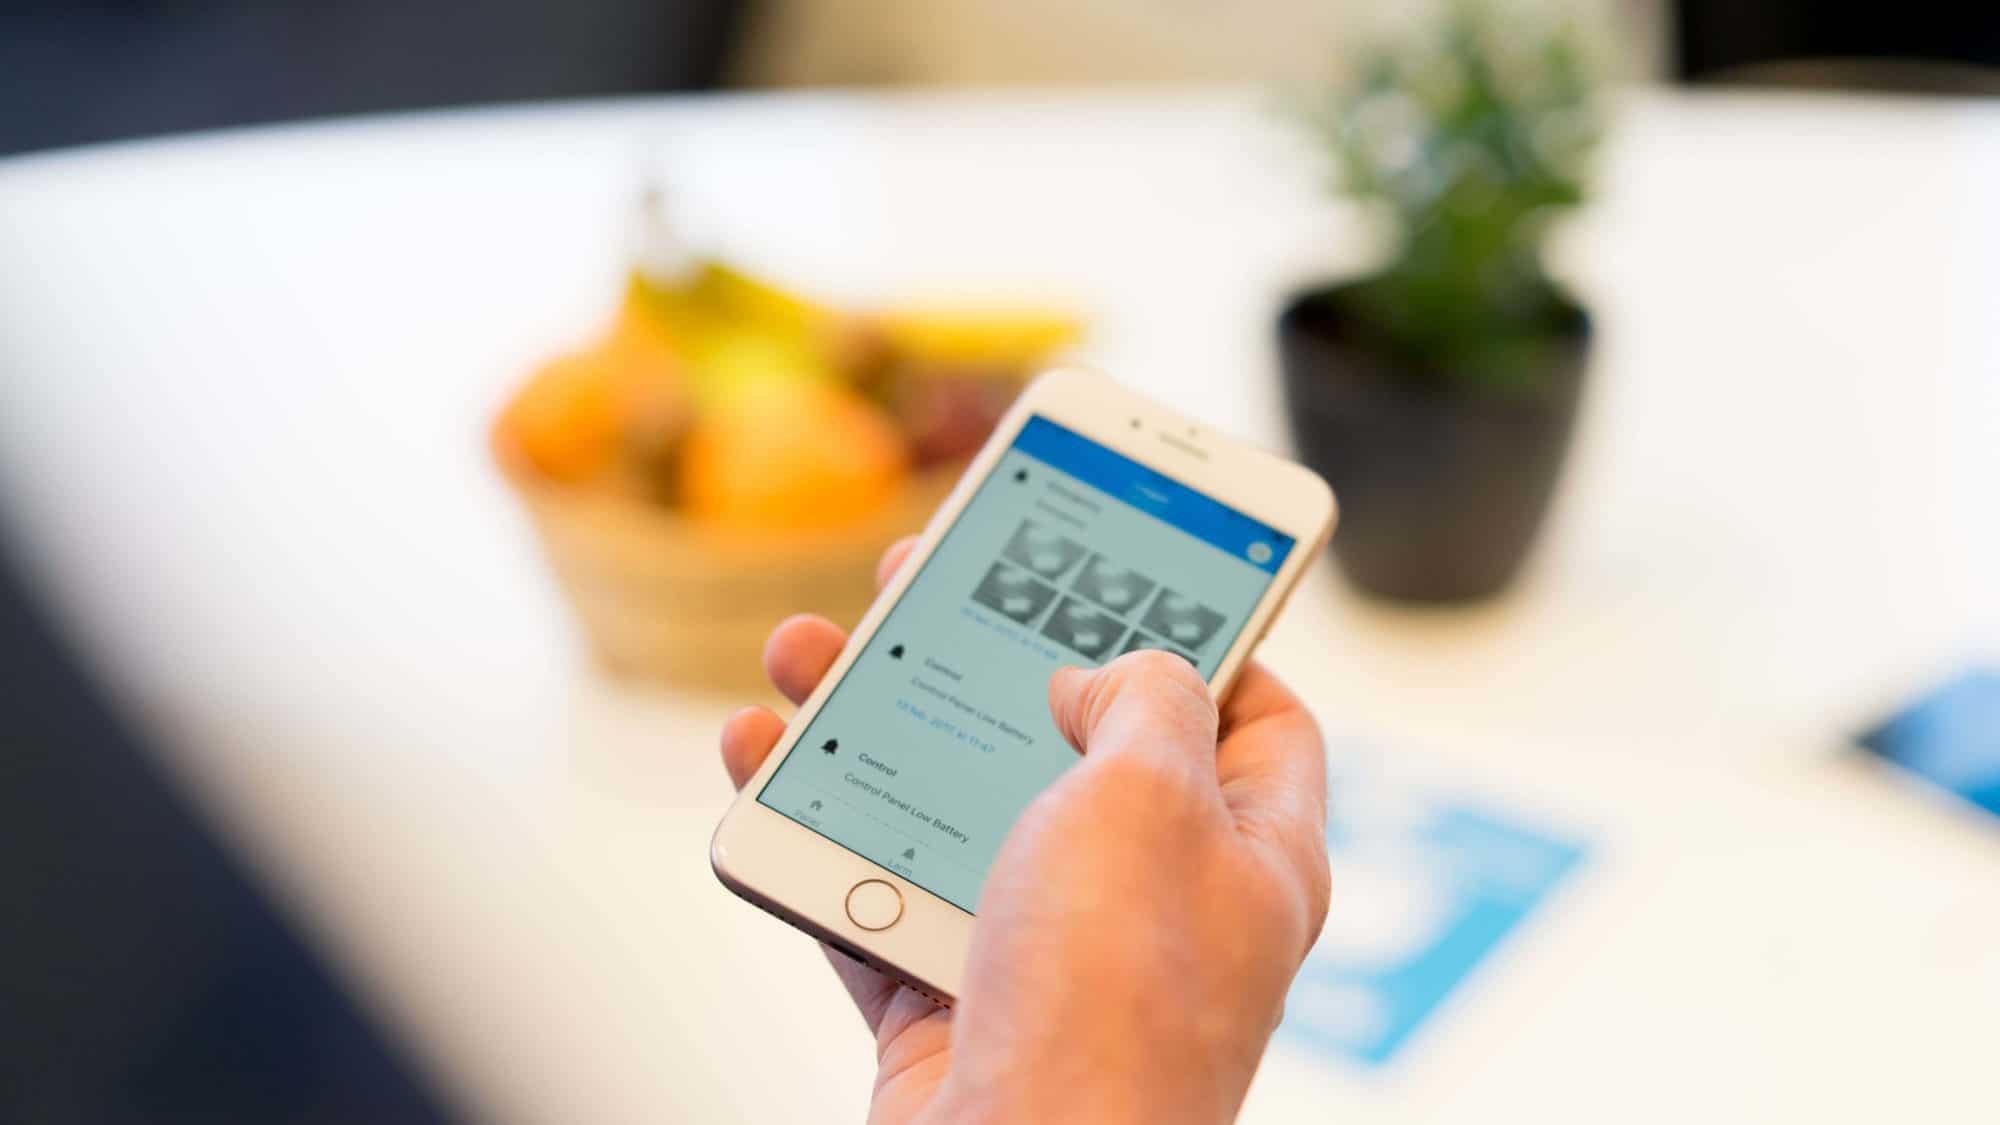 Känn kontroll med app i världsklass